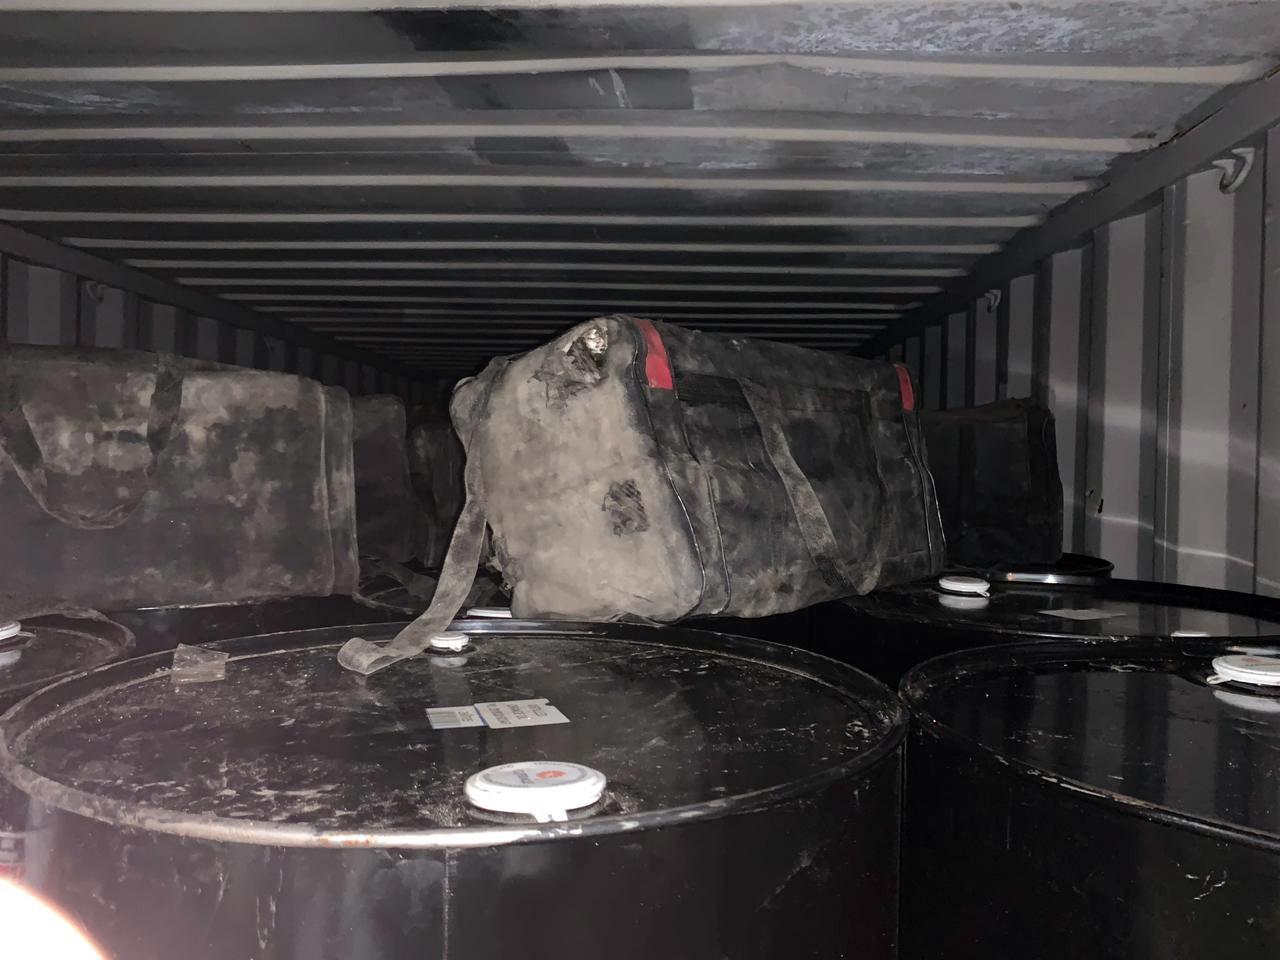 Mais de 700 kg de cocaína são apreendidos em contêineres no Porto de Santos, SP - Notícias - Plantão Diário